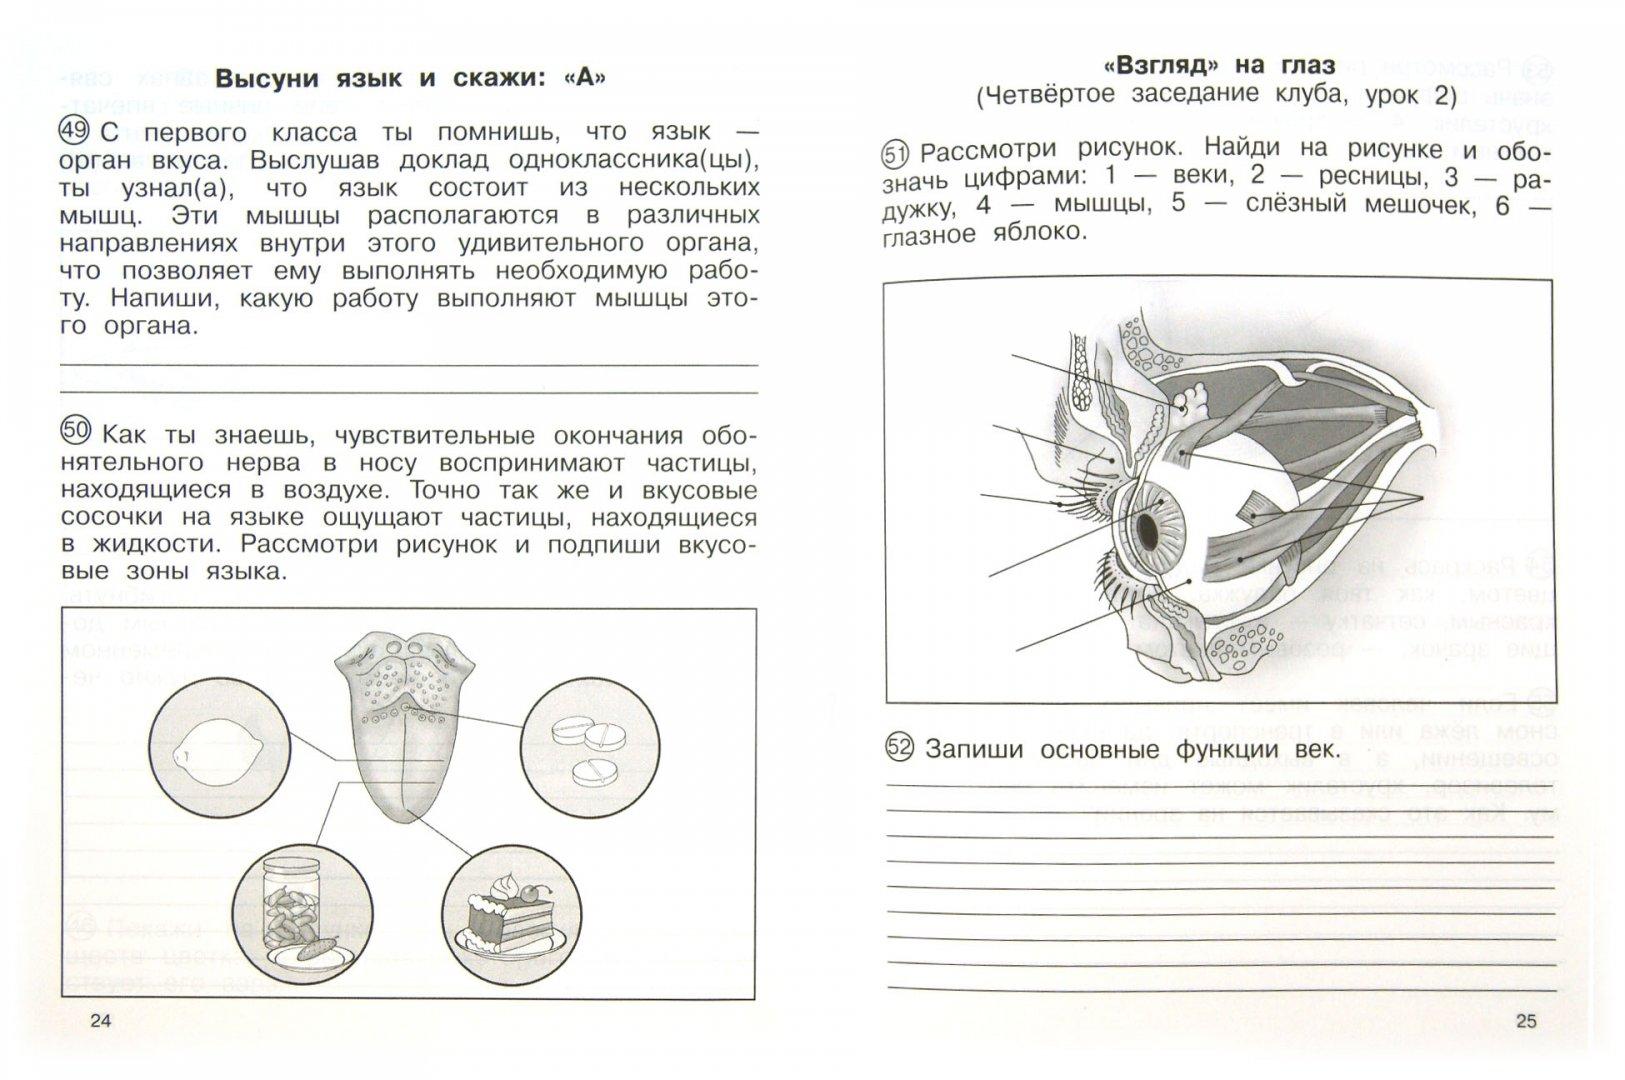 Иллюстрация 1 из 21 для Окружающий мир. 4 класс. Тетрадь для самостоятельной работы №2 - Федотова, Трафимова, Трафимов, Кудрова | Лабиринт - книги. Источник: Лабиринт